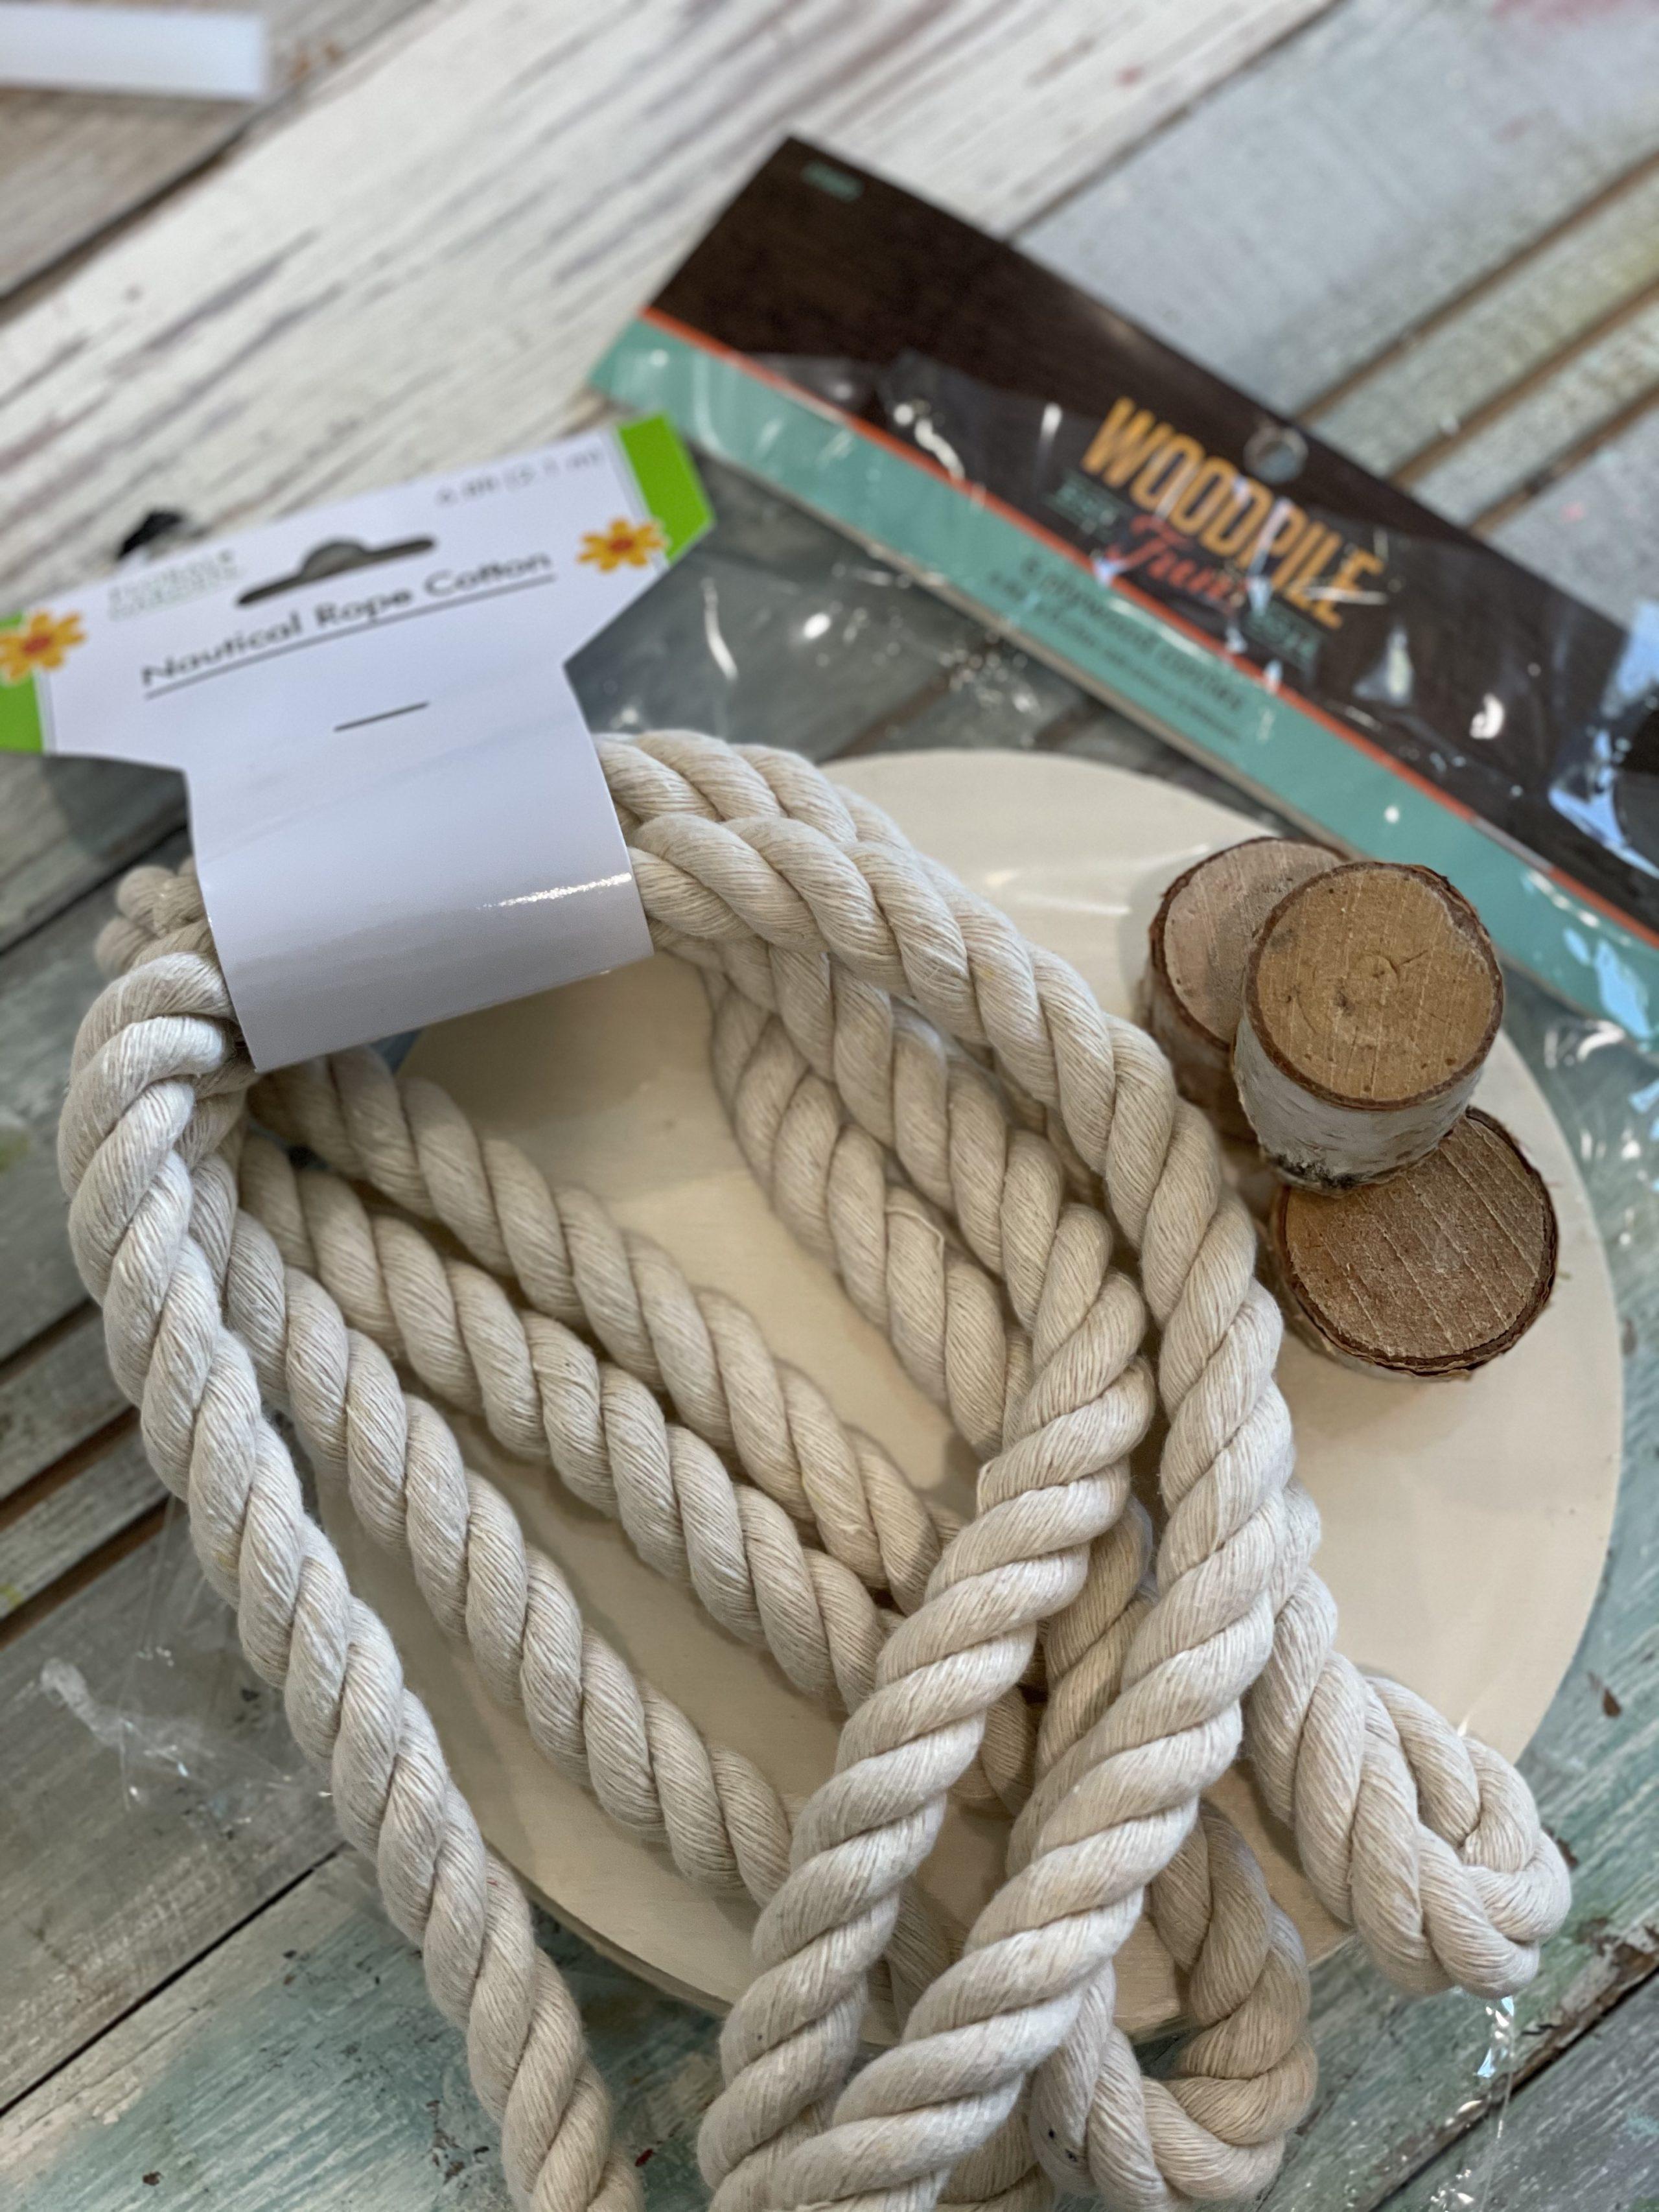 supplies to make a diy wooden riser